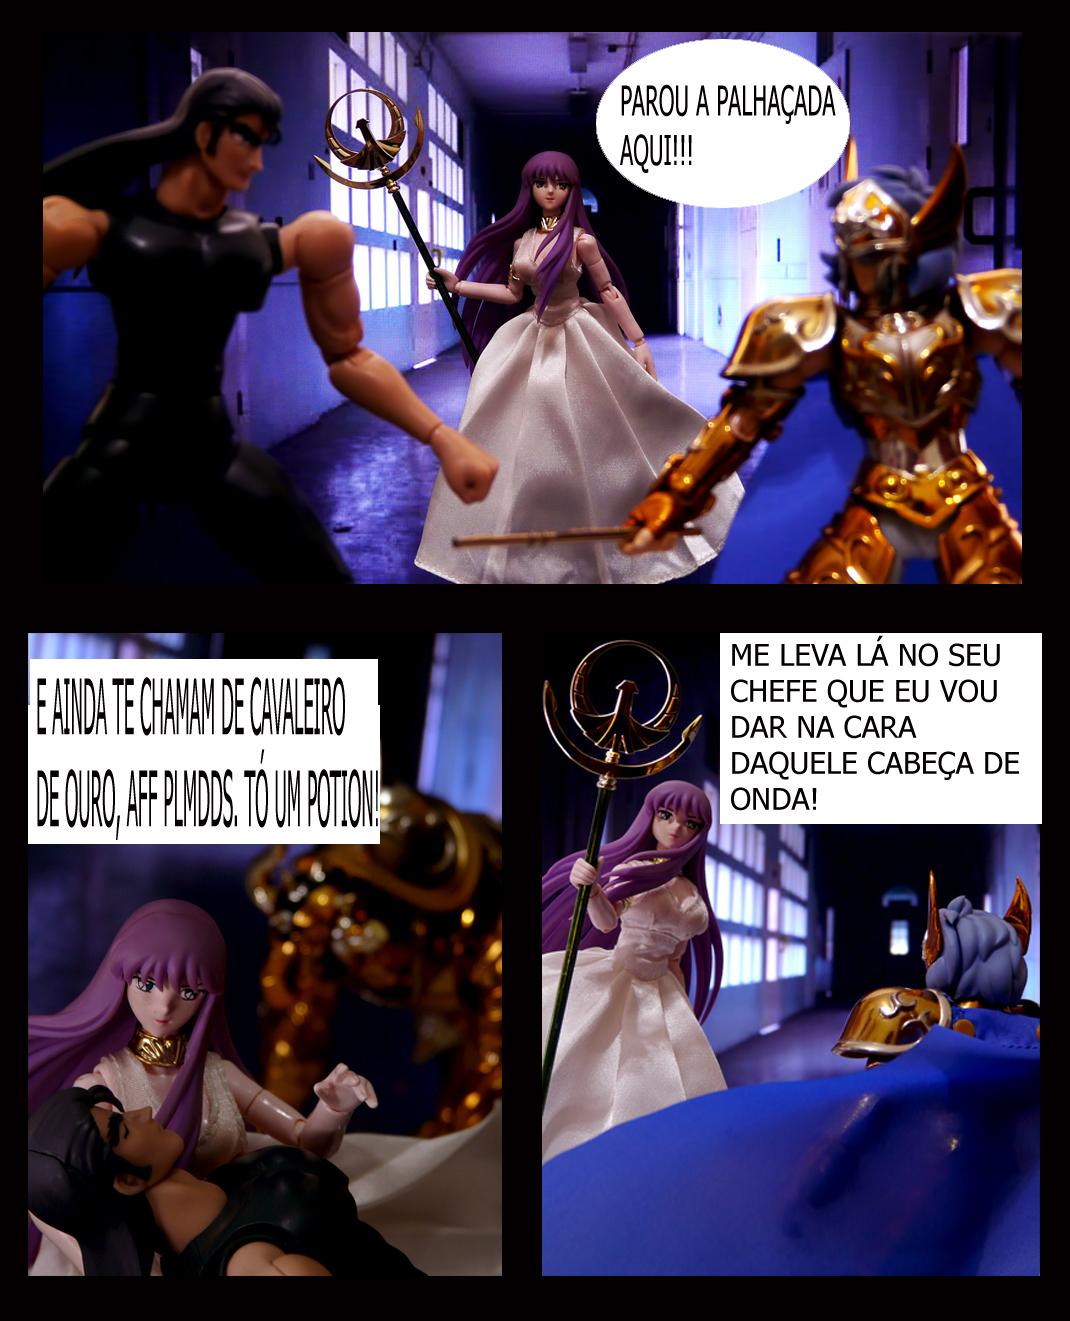 [Humor] Fotos Engraçadas ou Curiosas - Página 5 OTlKo4WC